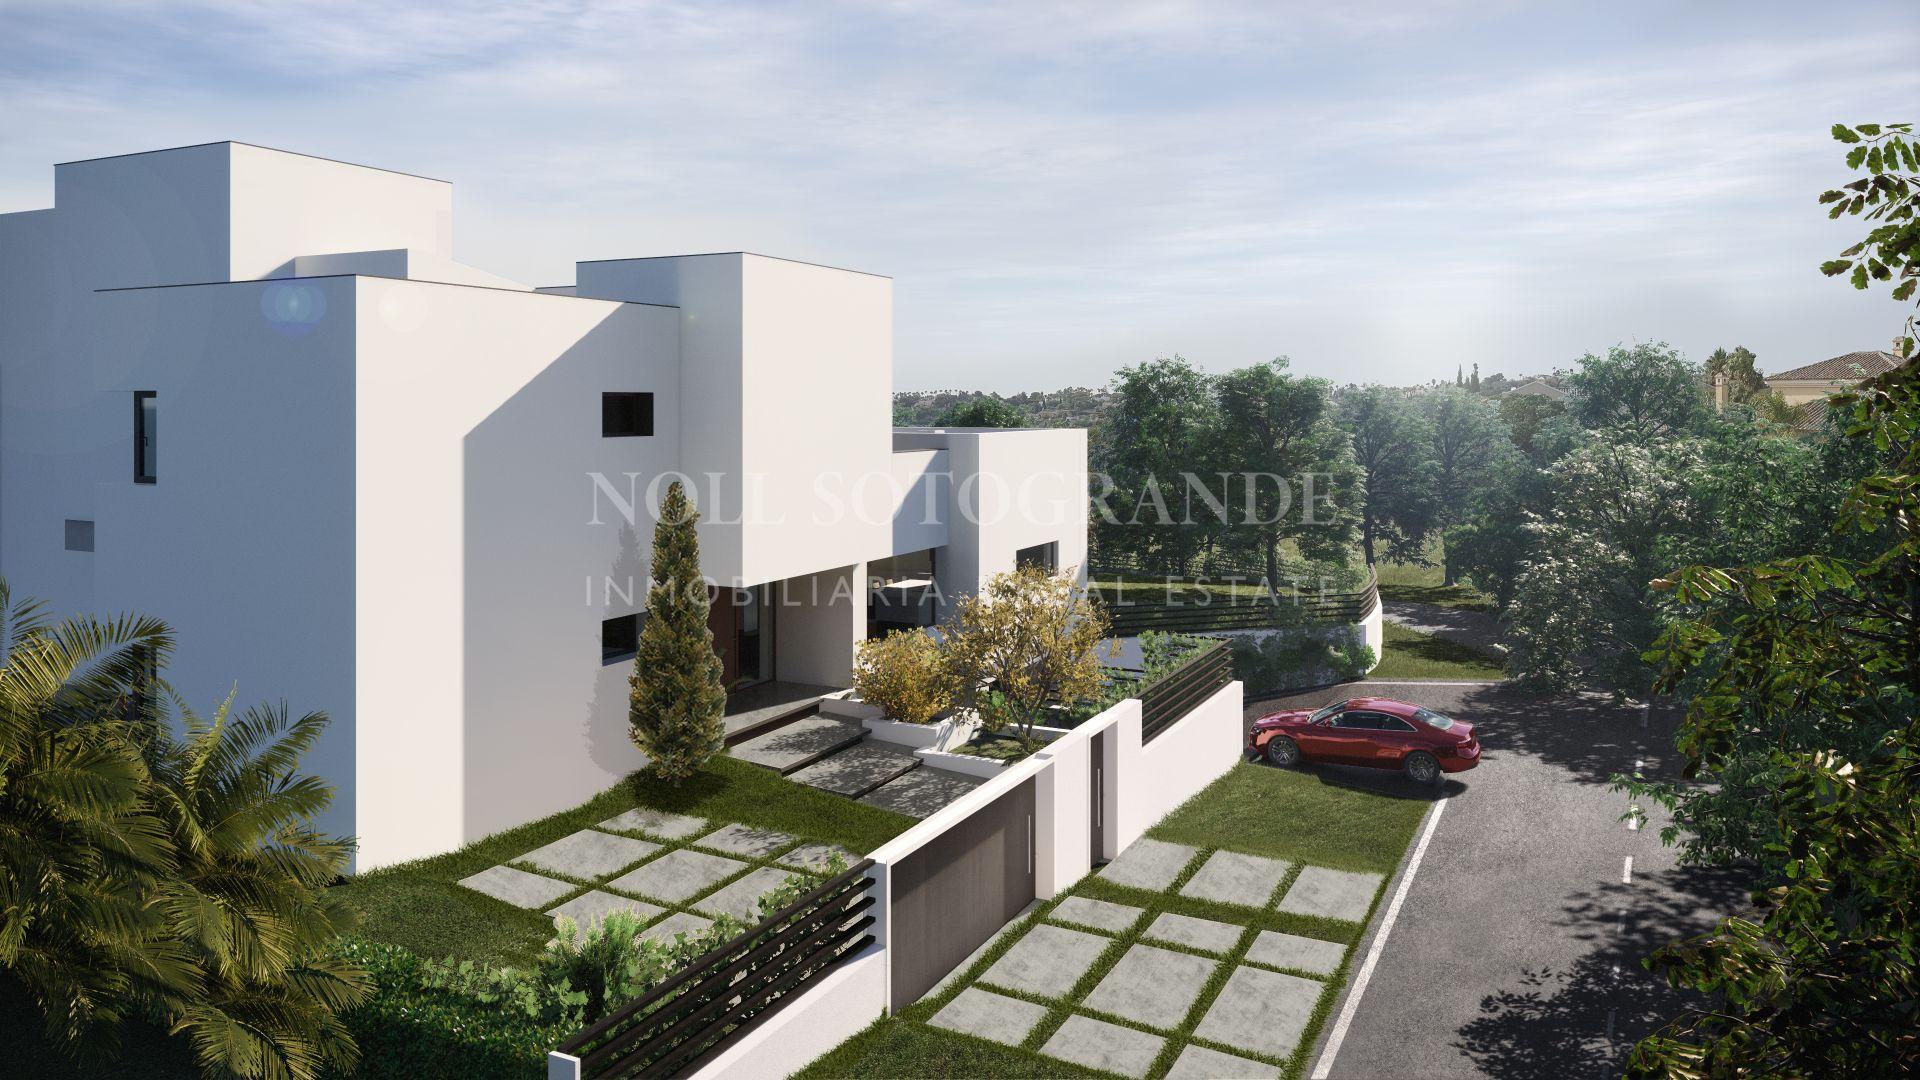 Villa contemporánea sobre plano con vistas al mar en venta, Sotogrande Alto